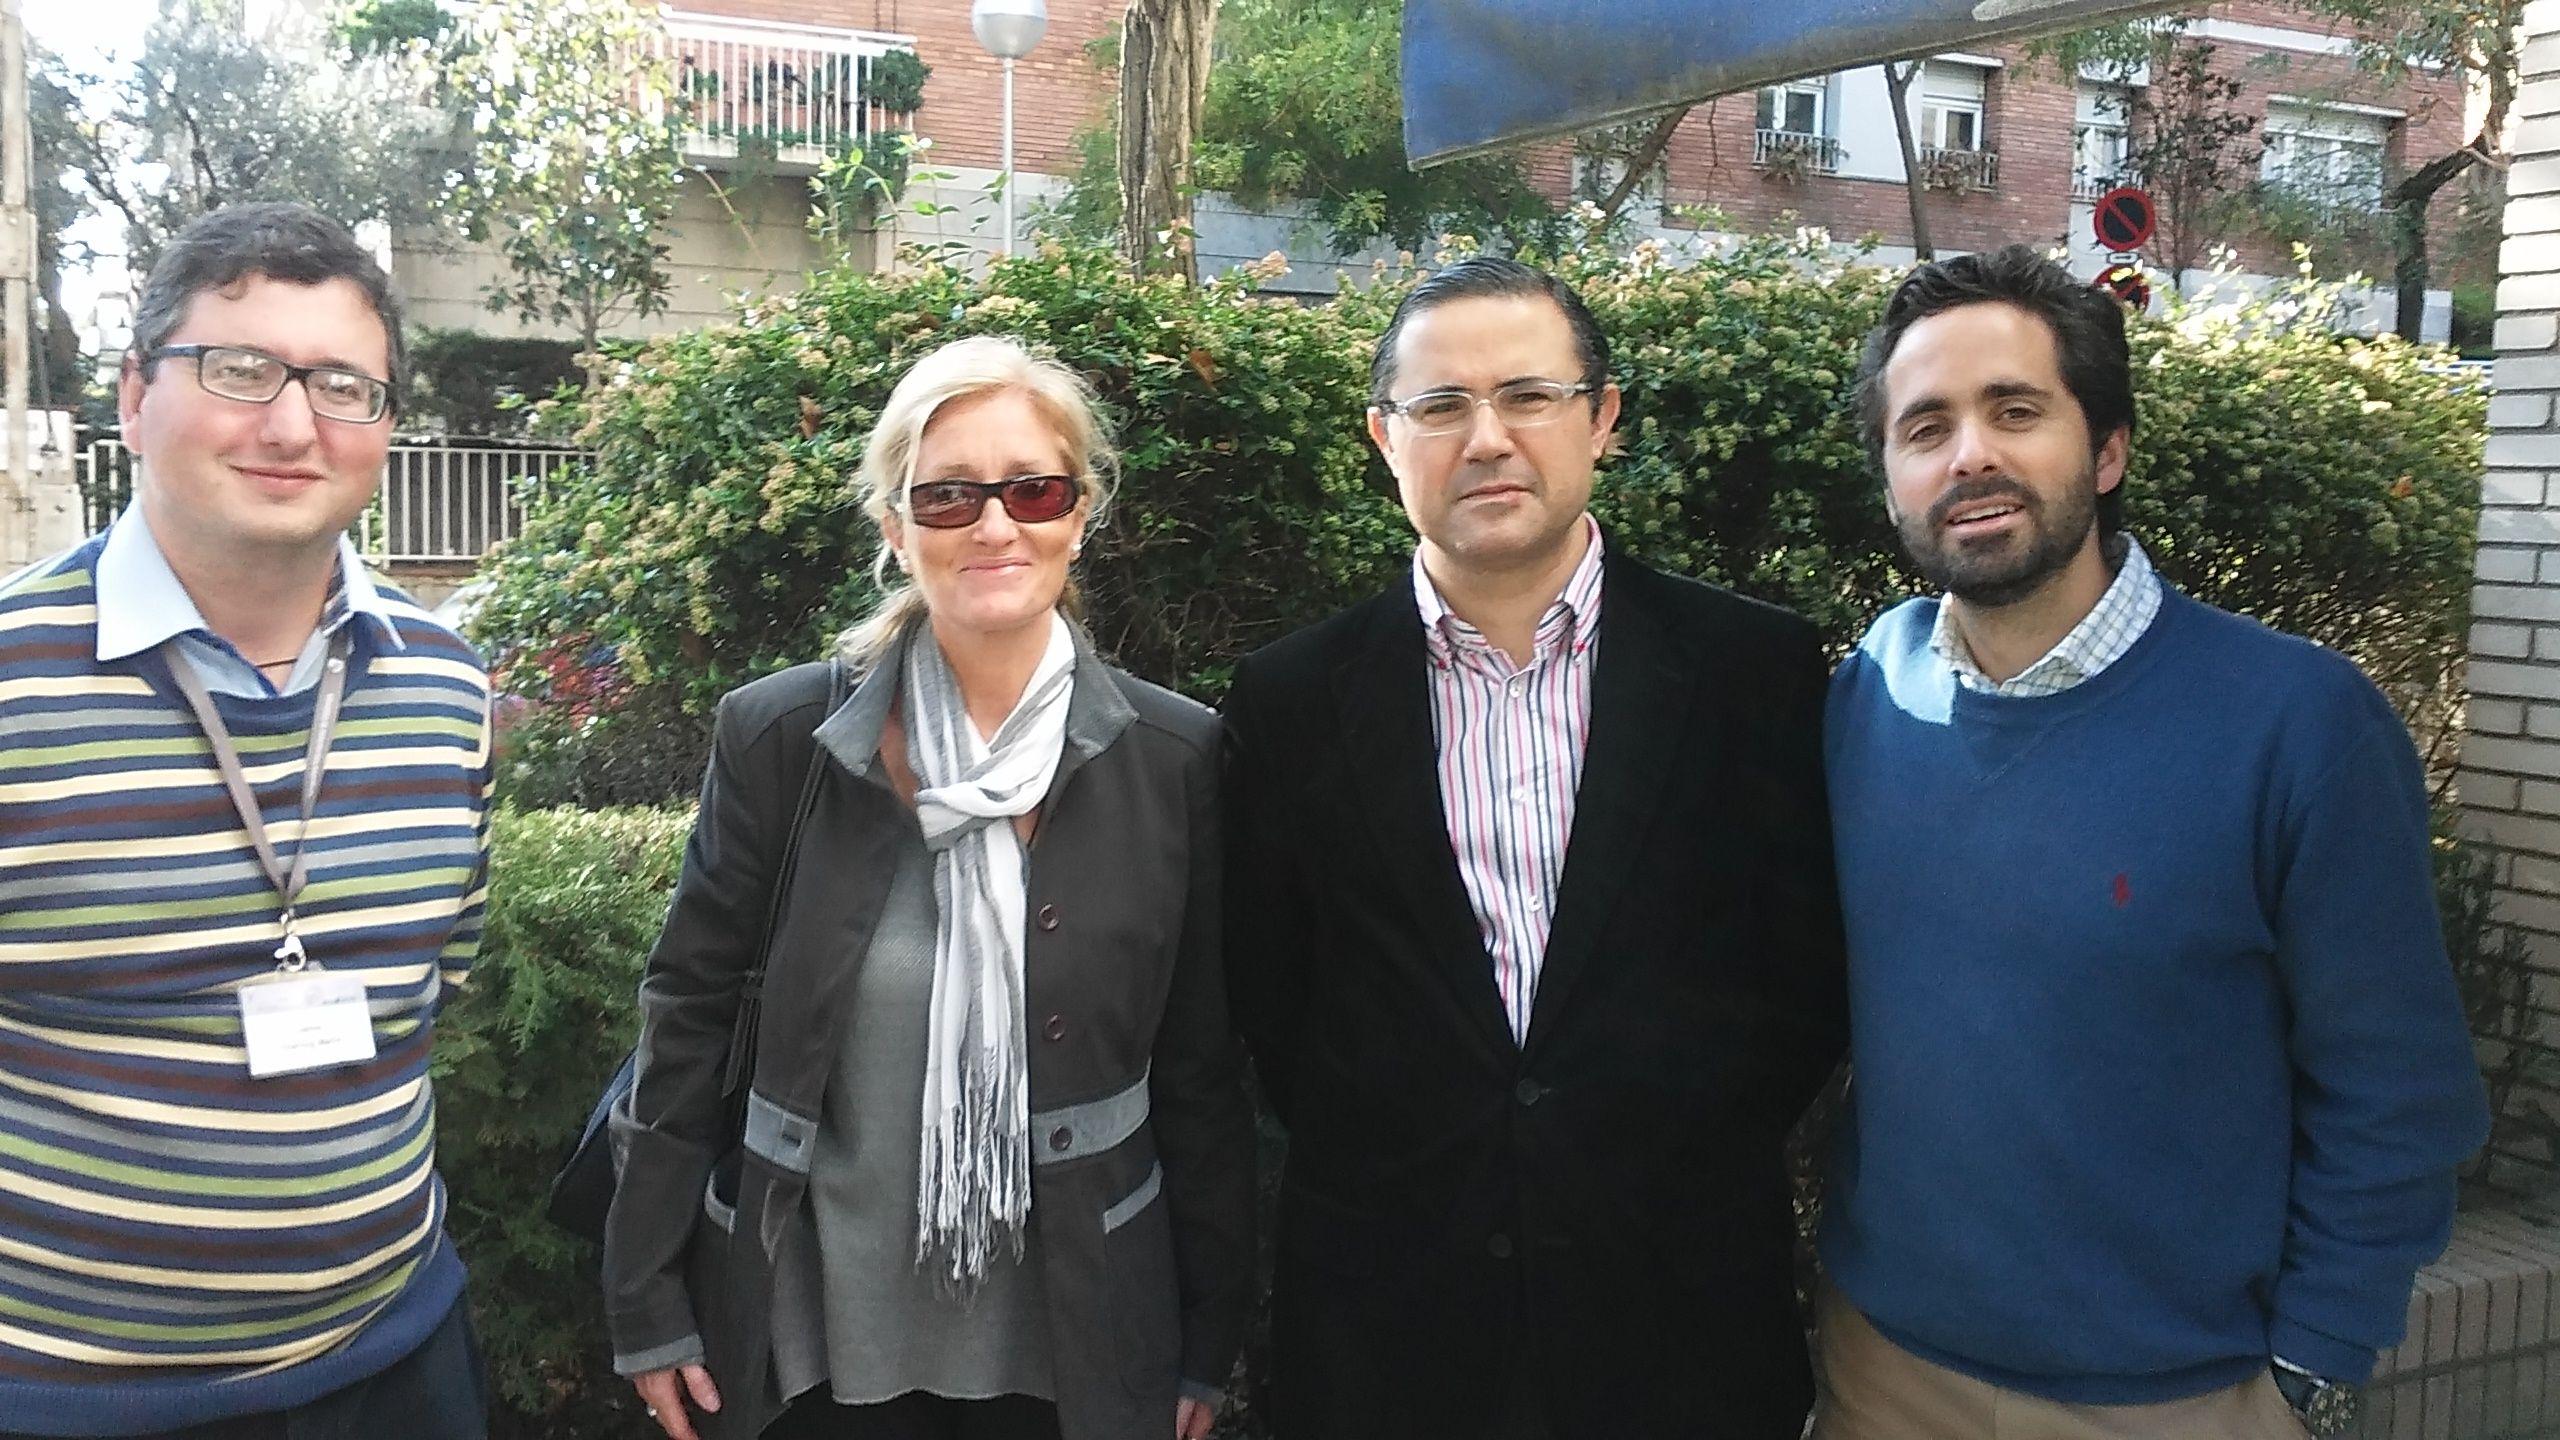 Los profesores de la CEU-UCH Jaime Vilarroig, María José Cano, Emilio García Sánchez y Juan Martínez Otero, en el X Congreso de la AEBI.